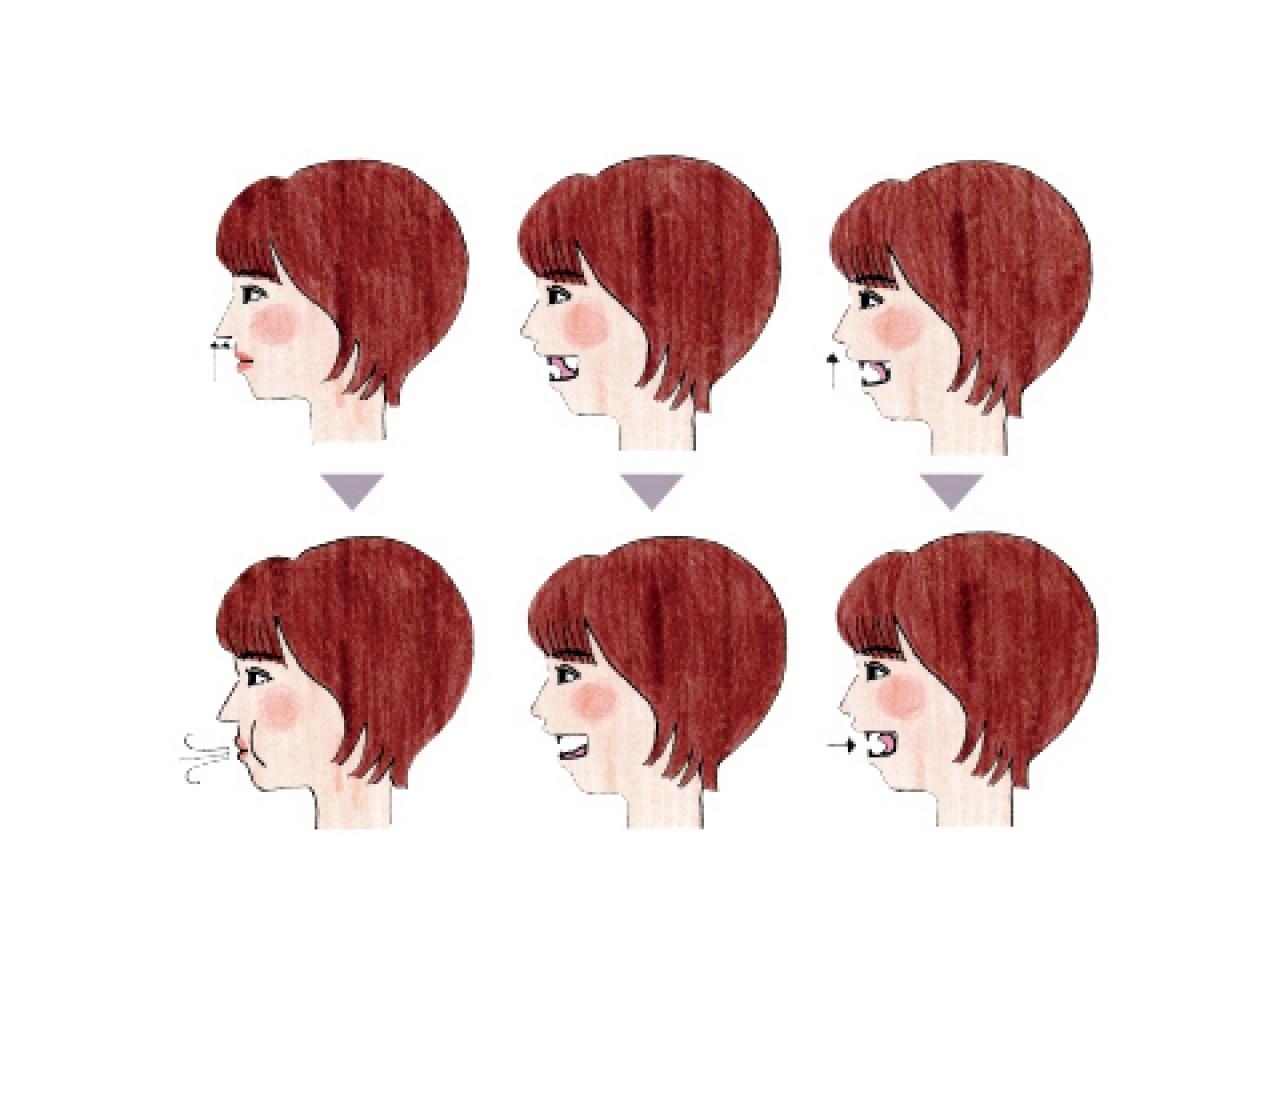 いびきをかかなくなる!舌トレーニング&呼吸法とは?